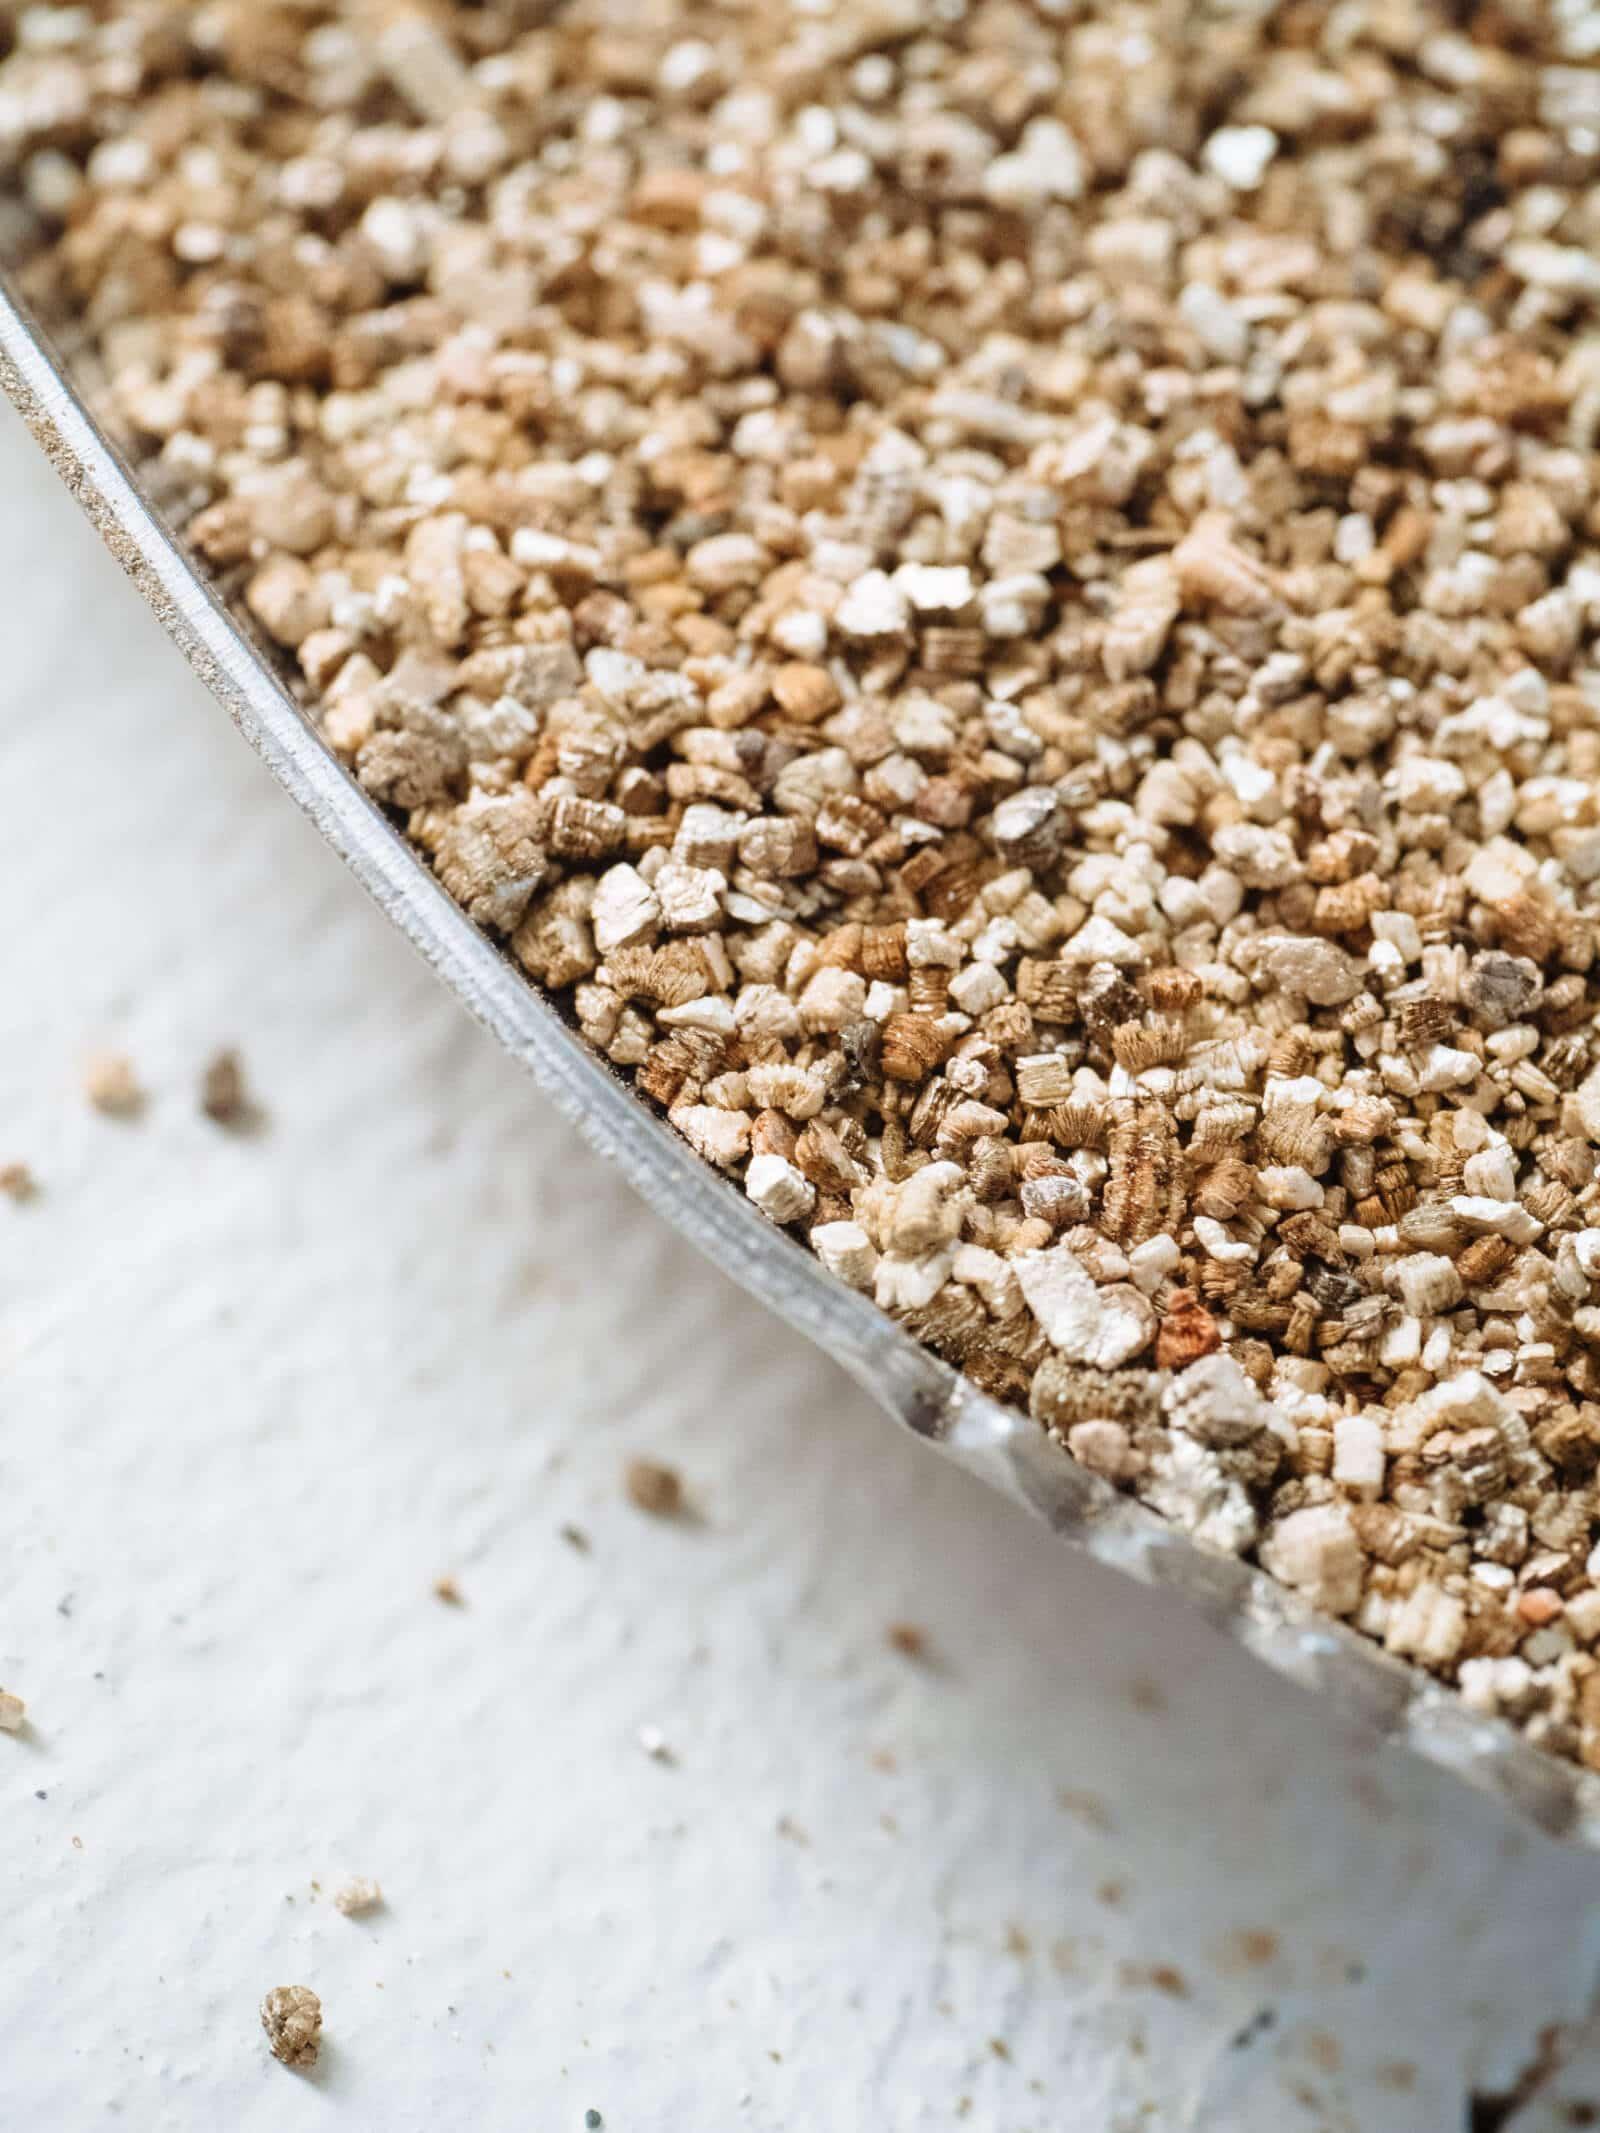 Vermiculite soil additive